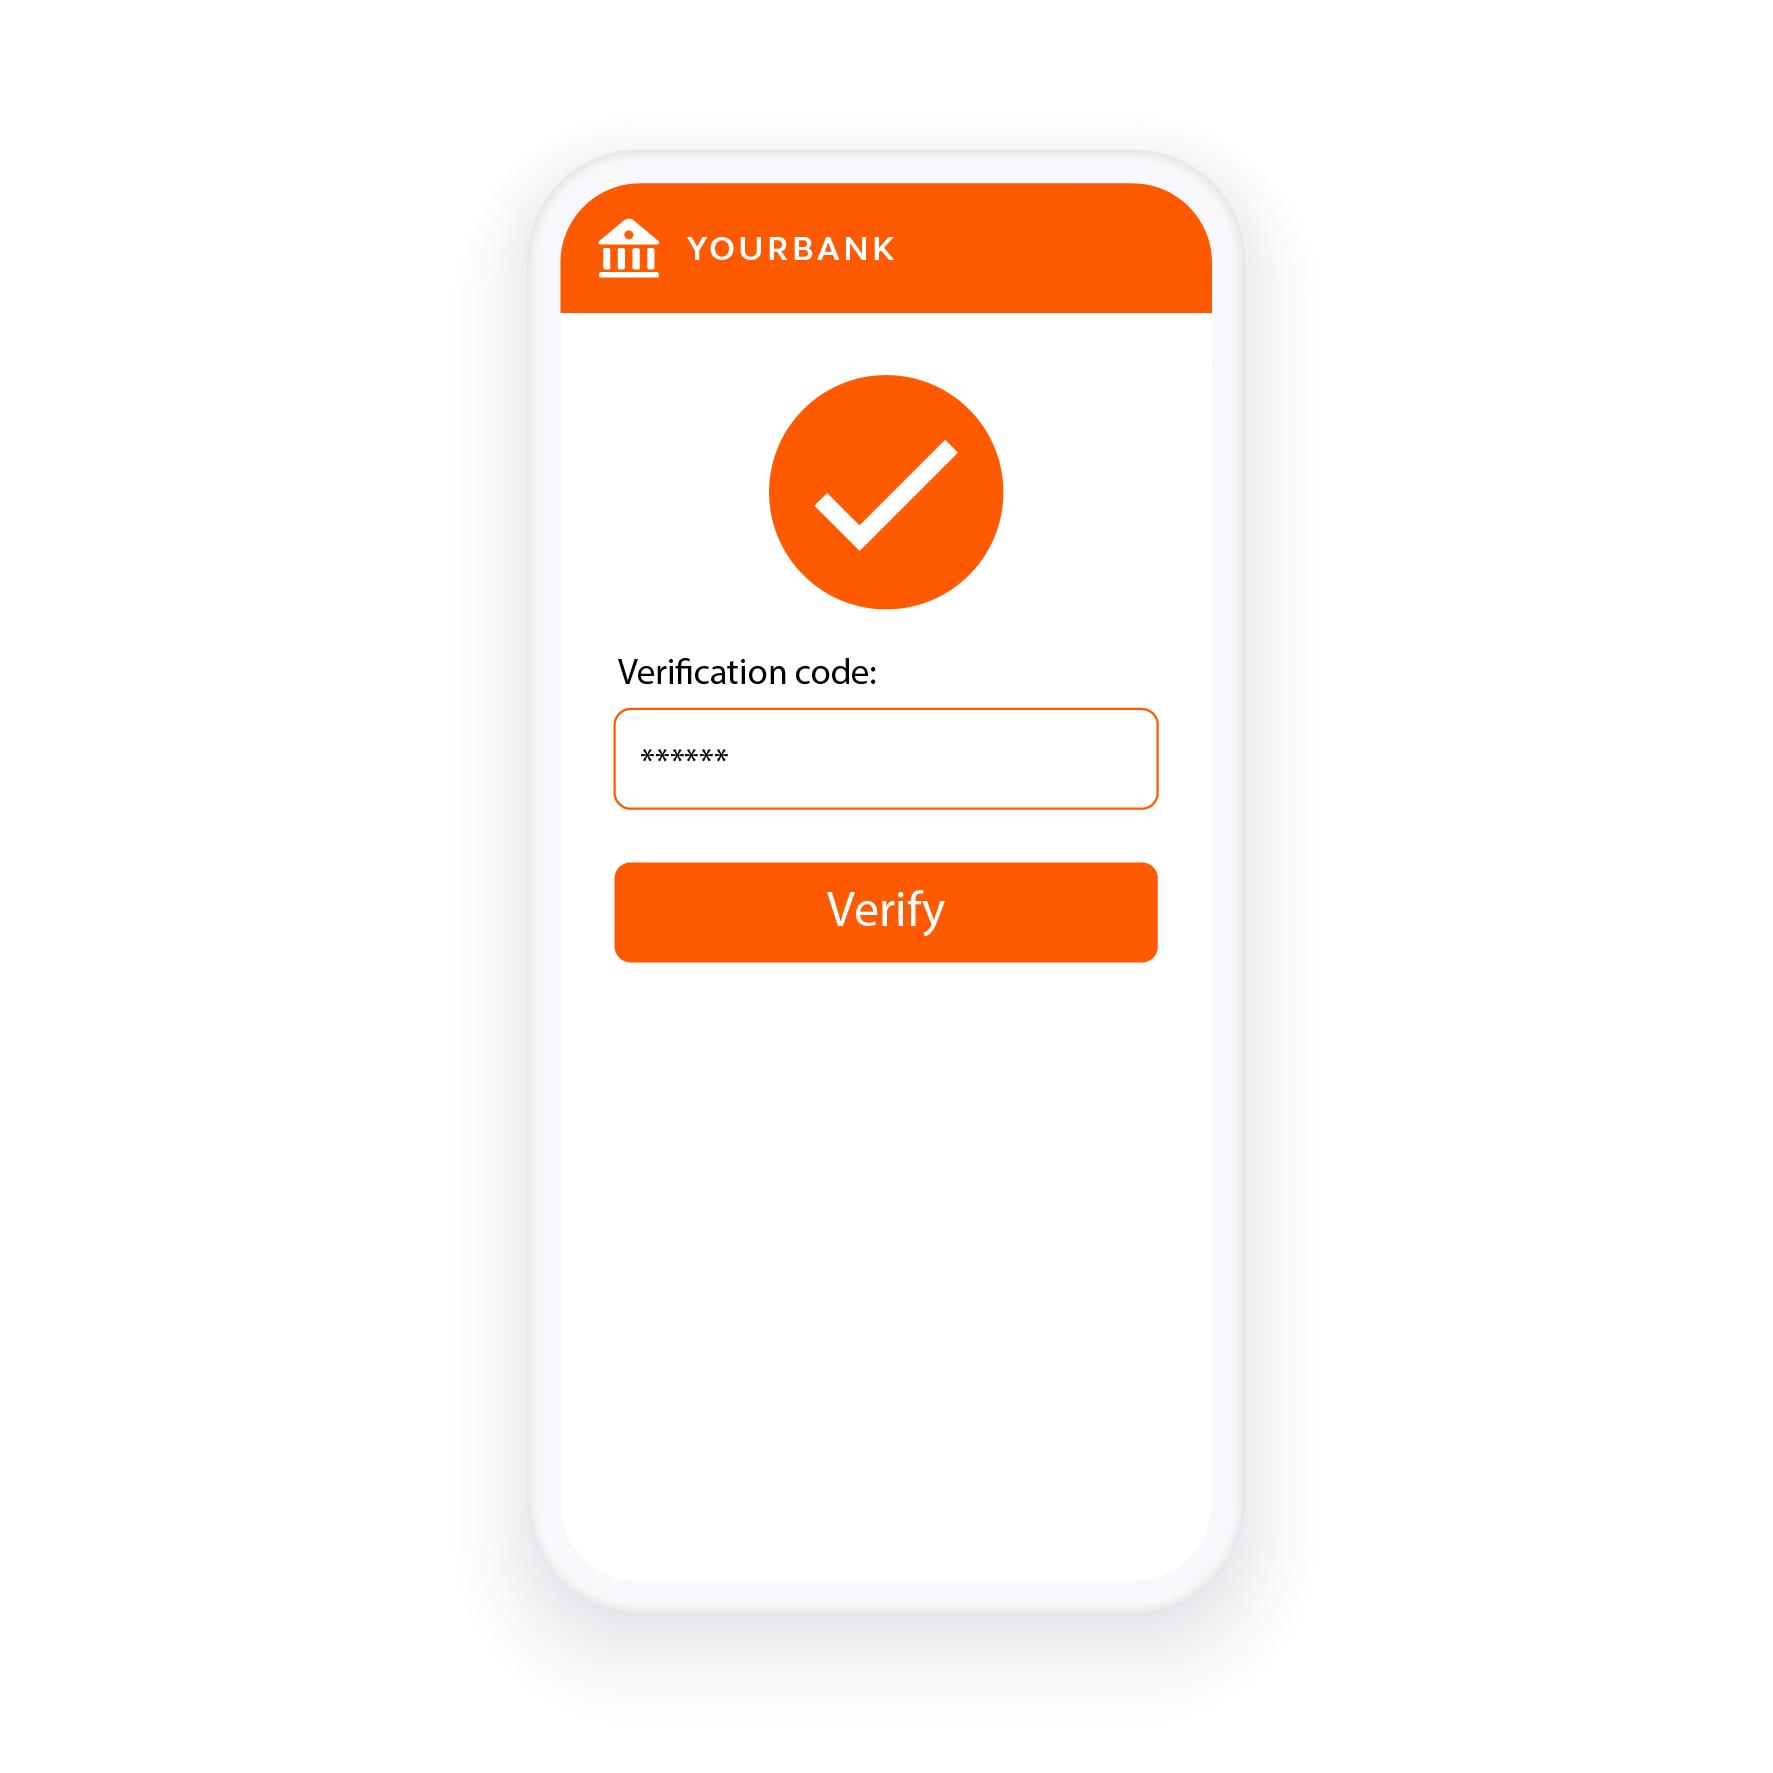 2FA_verify_code